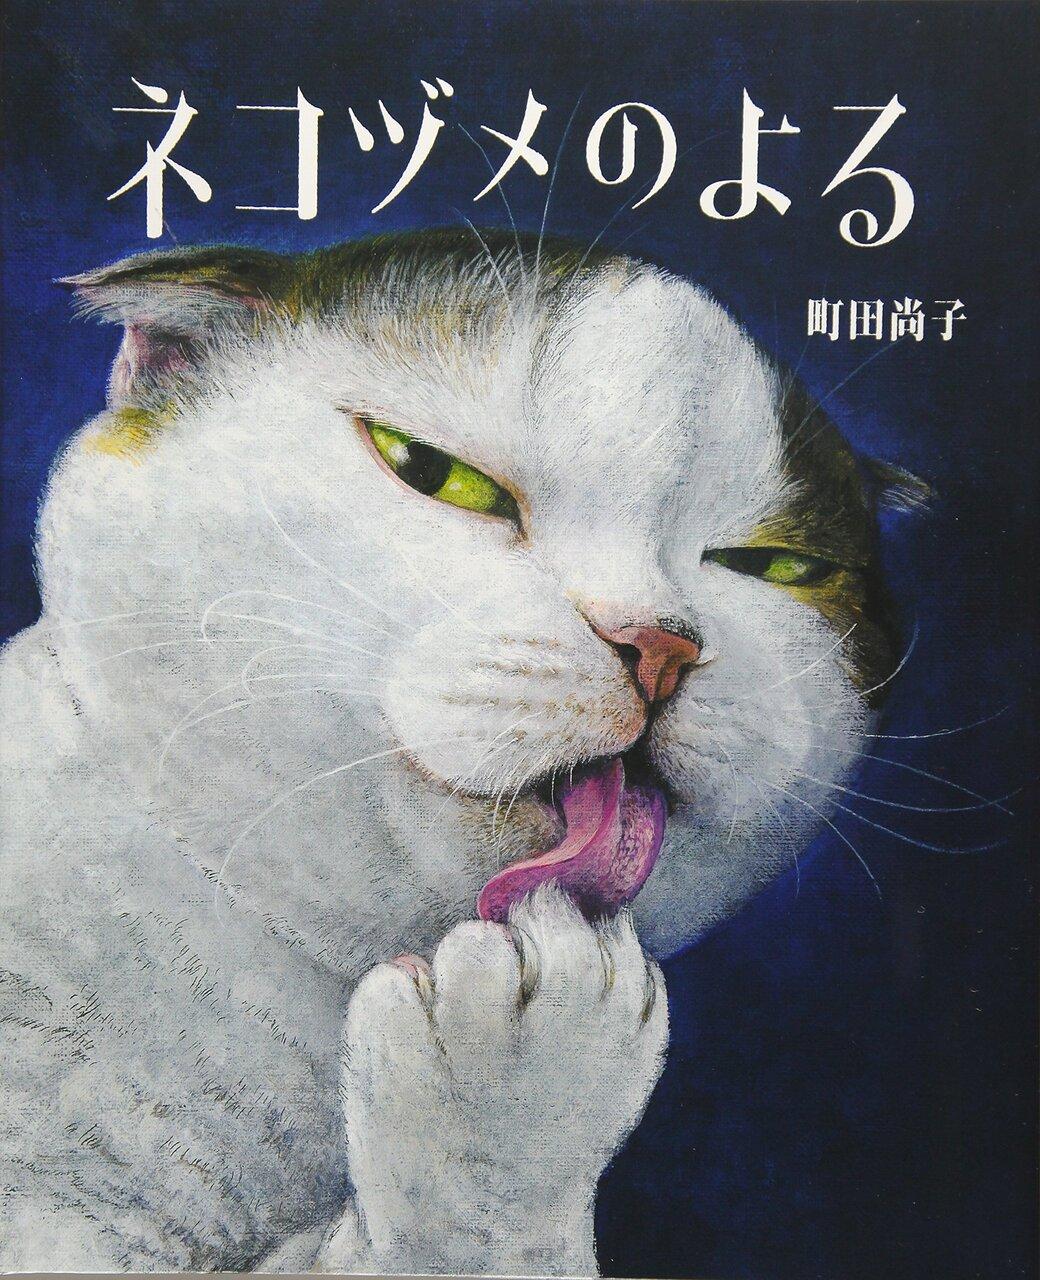 猫好きの間でブームを巻き起こした話題作『ネコヅメのよる』(作:町田尚子/WAVE出版)。愛猫家としても有名な作者が、猫たちのミステリアスな夜を描く。